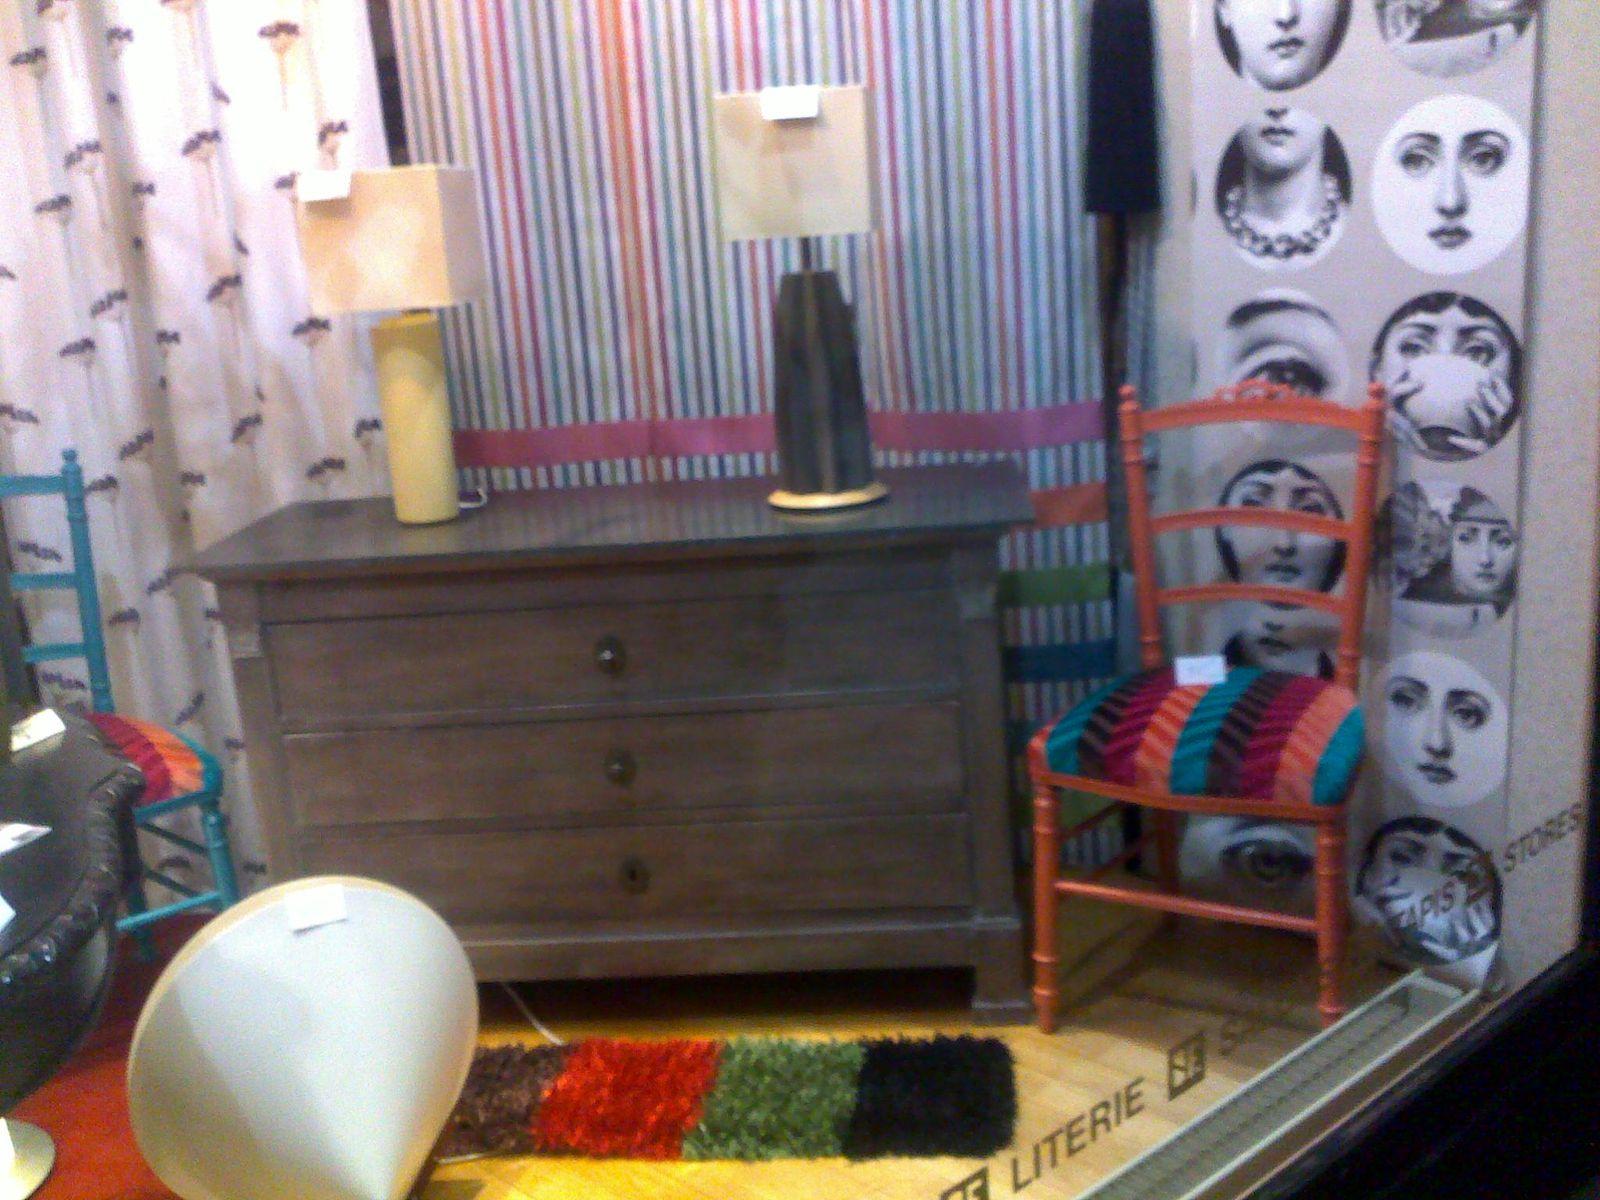 exposition de meuble peint et patines a vendre voir sur epinal meubles et. Black Bedroom Furniture Sets. Home Design Ideas